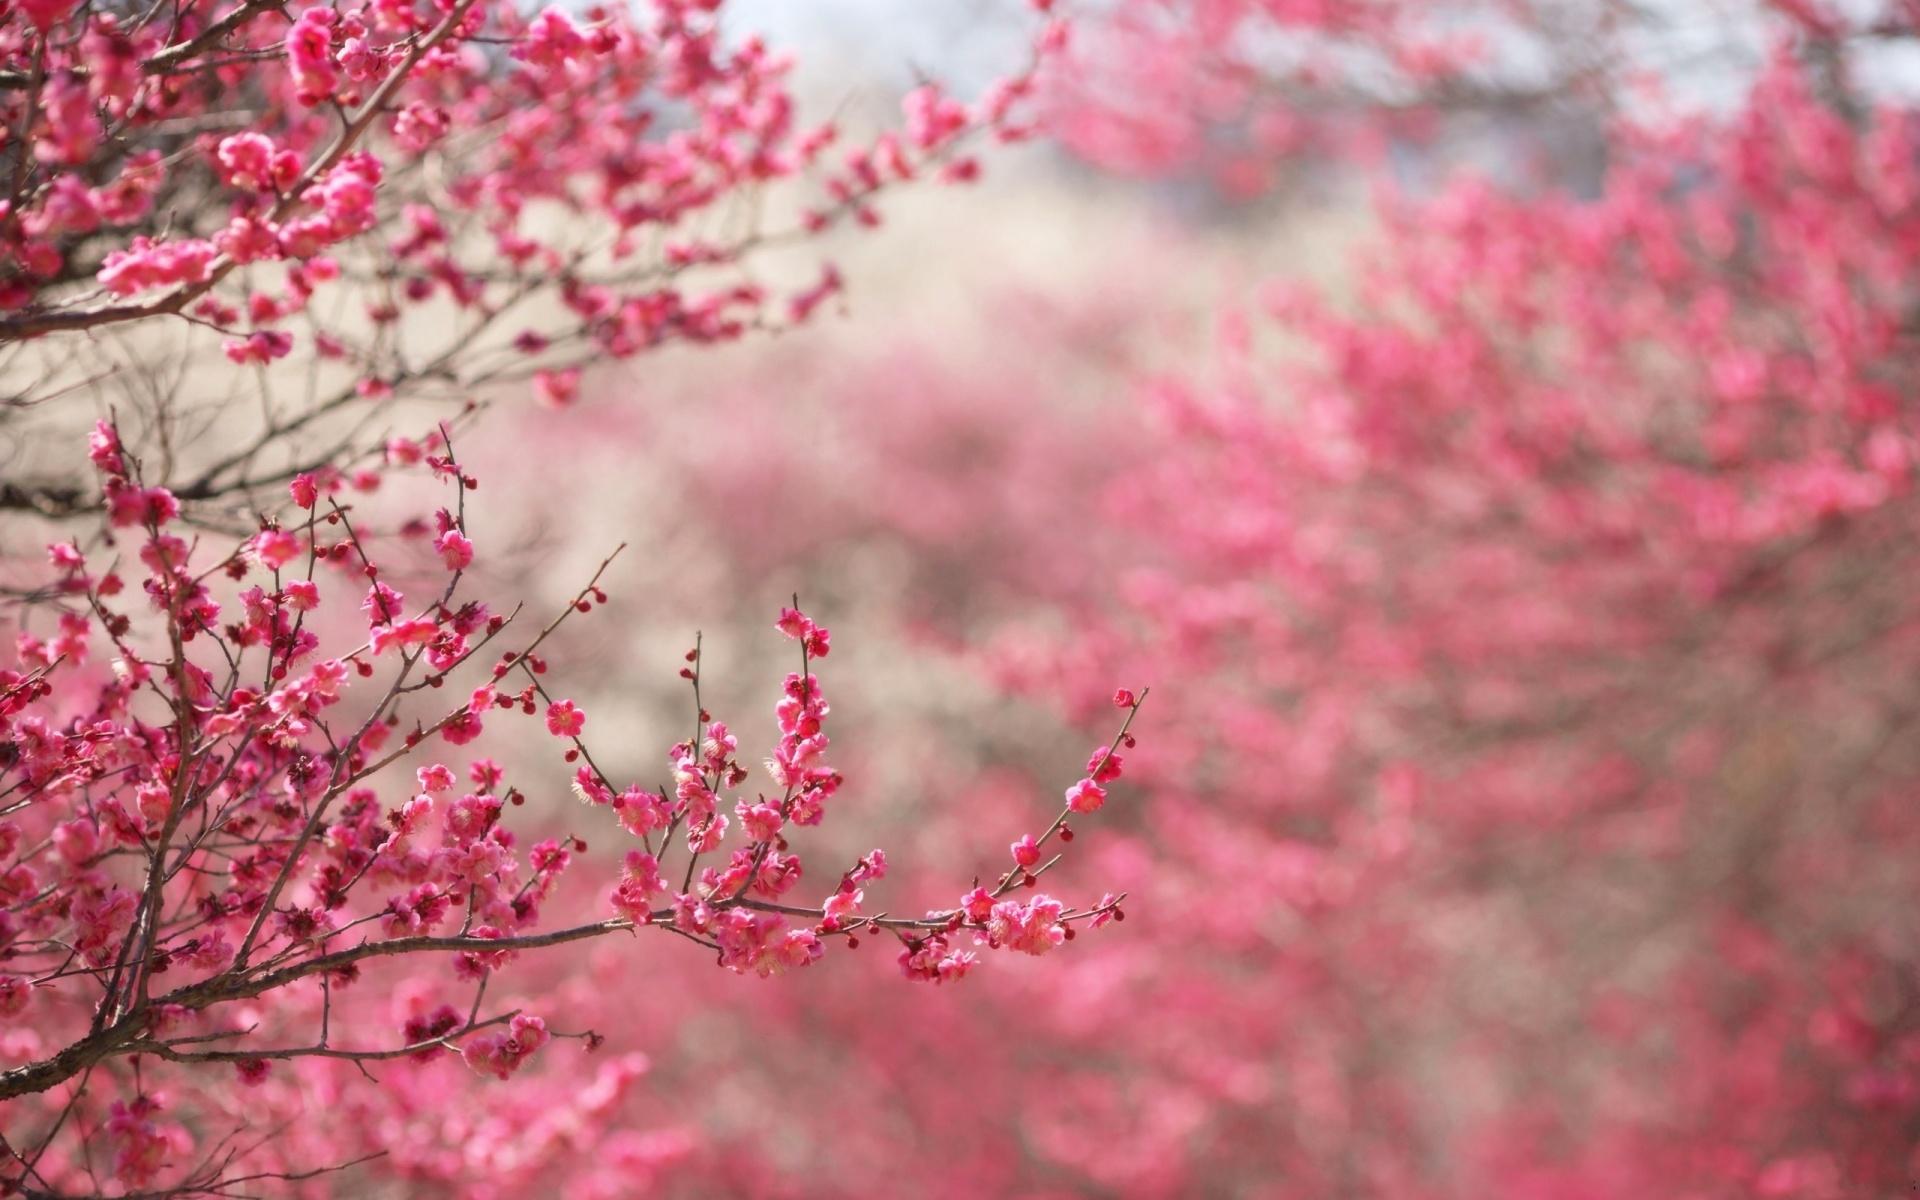 Pink Flower Wallpaper Tumblr 17813 1920x1200 px ~ HDWallSource.com